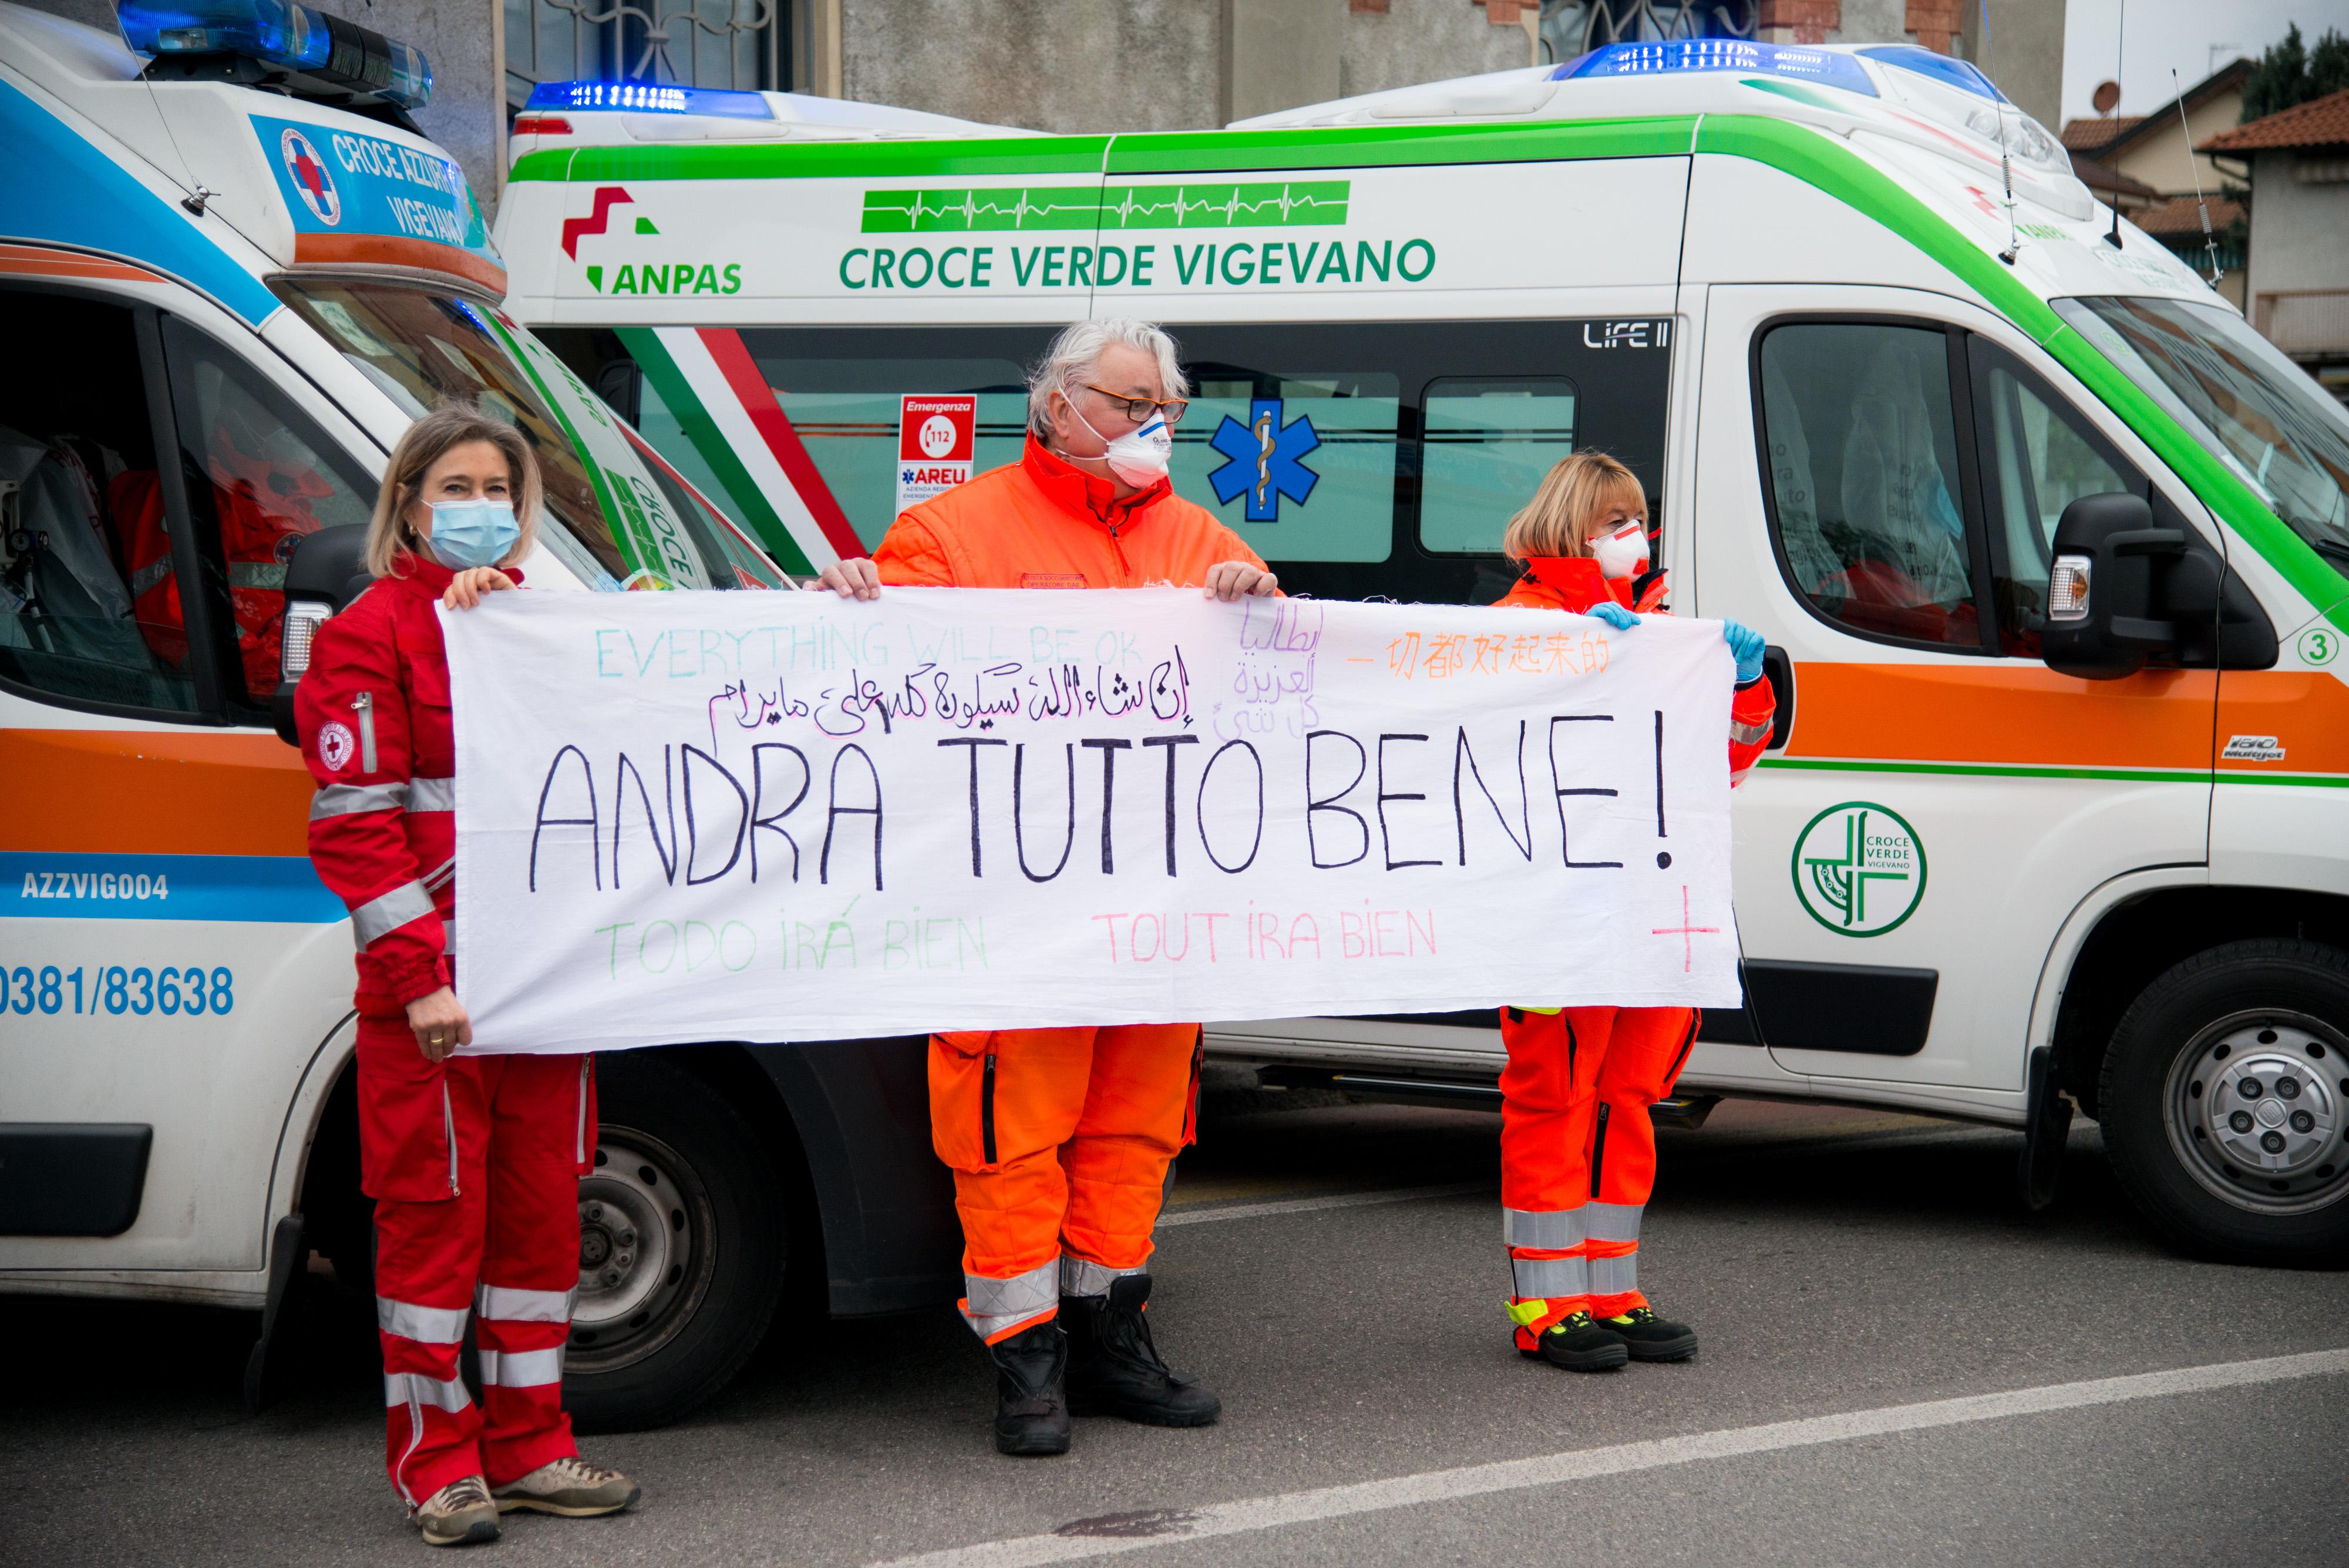 Omaggio agli operatori sanitari COVID19